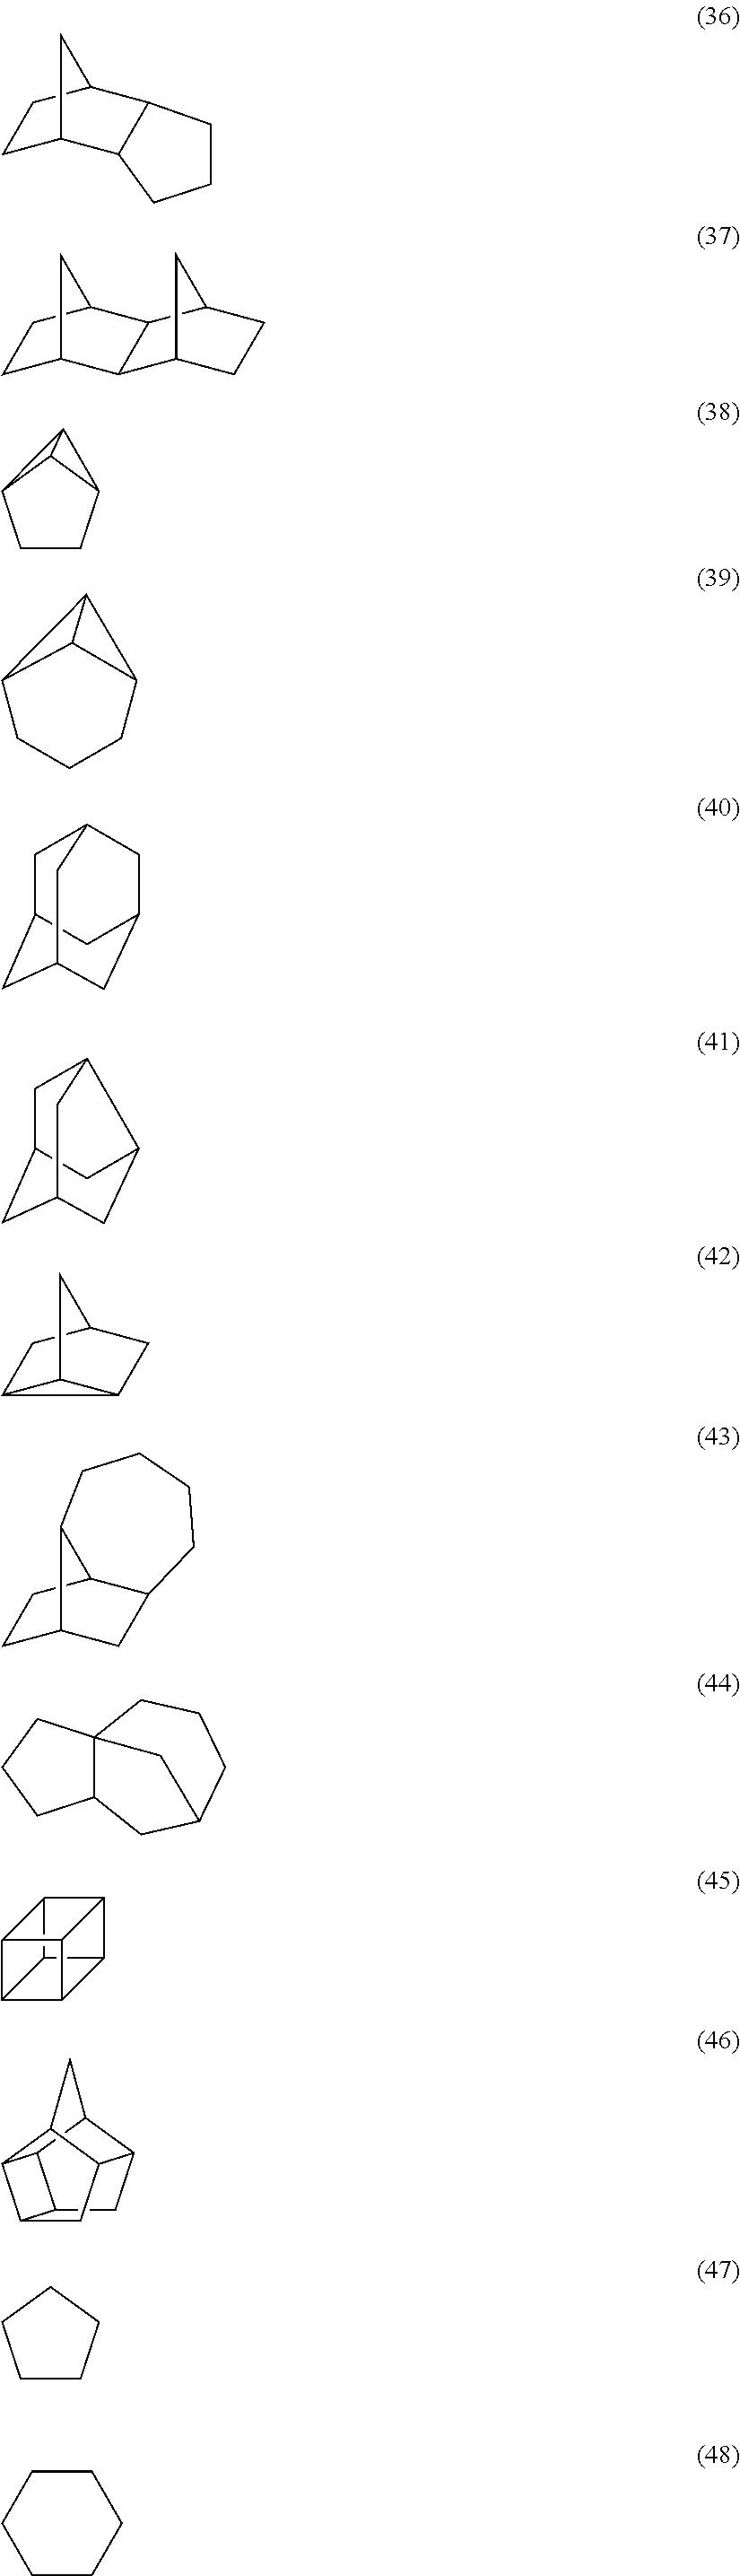 Figure US20110183258A1-20110728-C00072